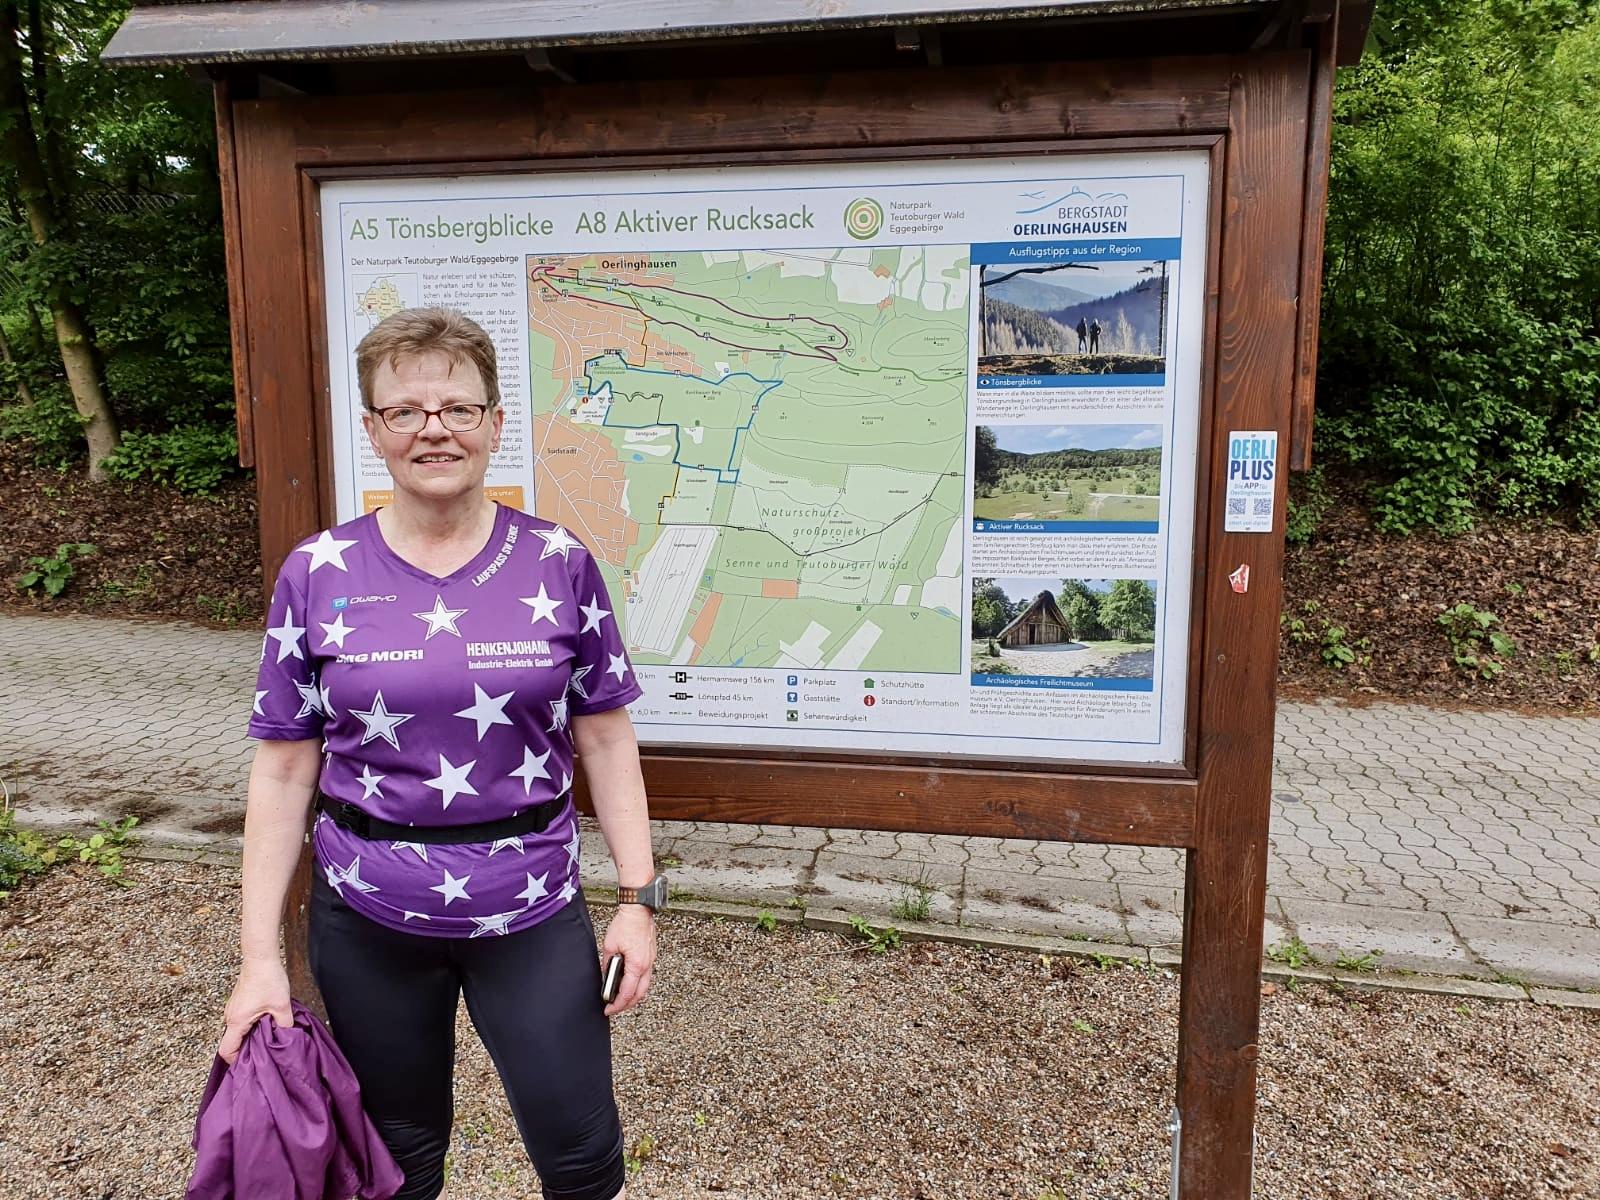 Oesterwinter-Suckow-Heide-20-Challenge-Hoehenmeterlauf-eNFQn